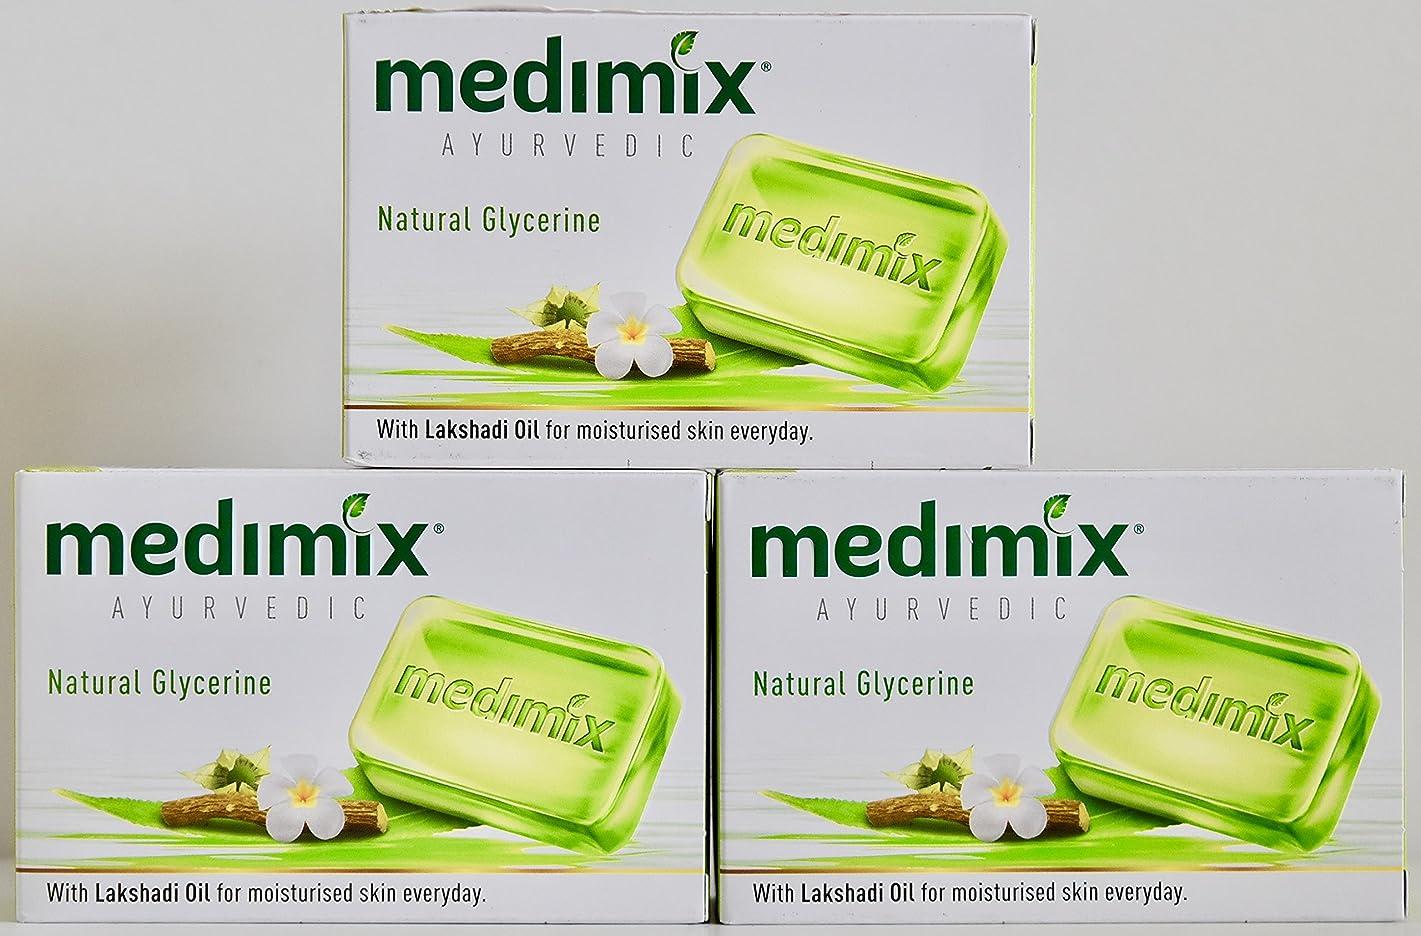 嫌な推定私達MEDIMIX メディミックス アーユルヴェディック ナチュラルグリセリン 3個入り  125g